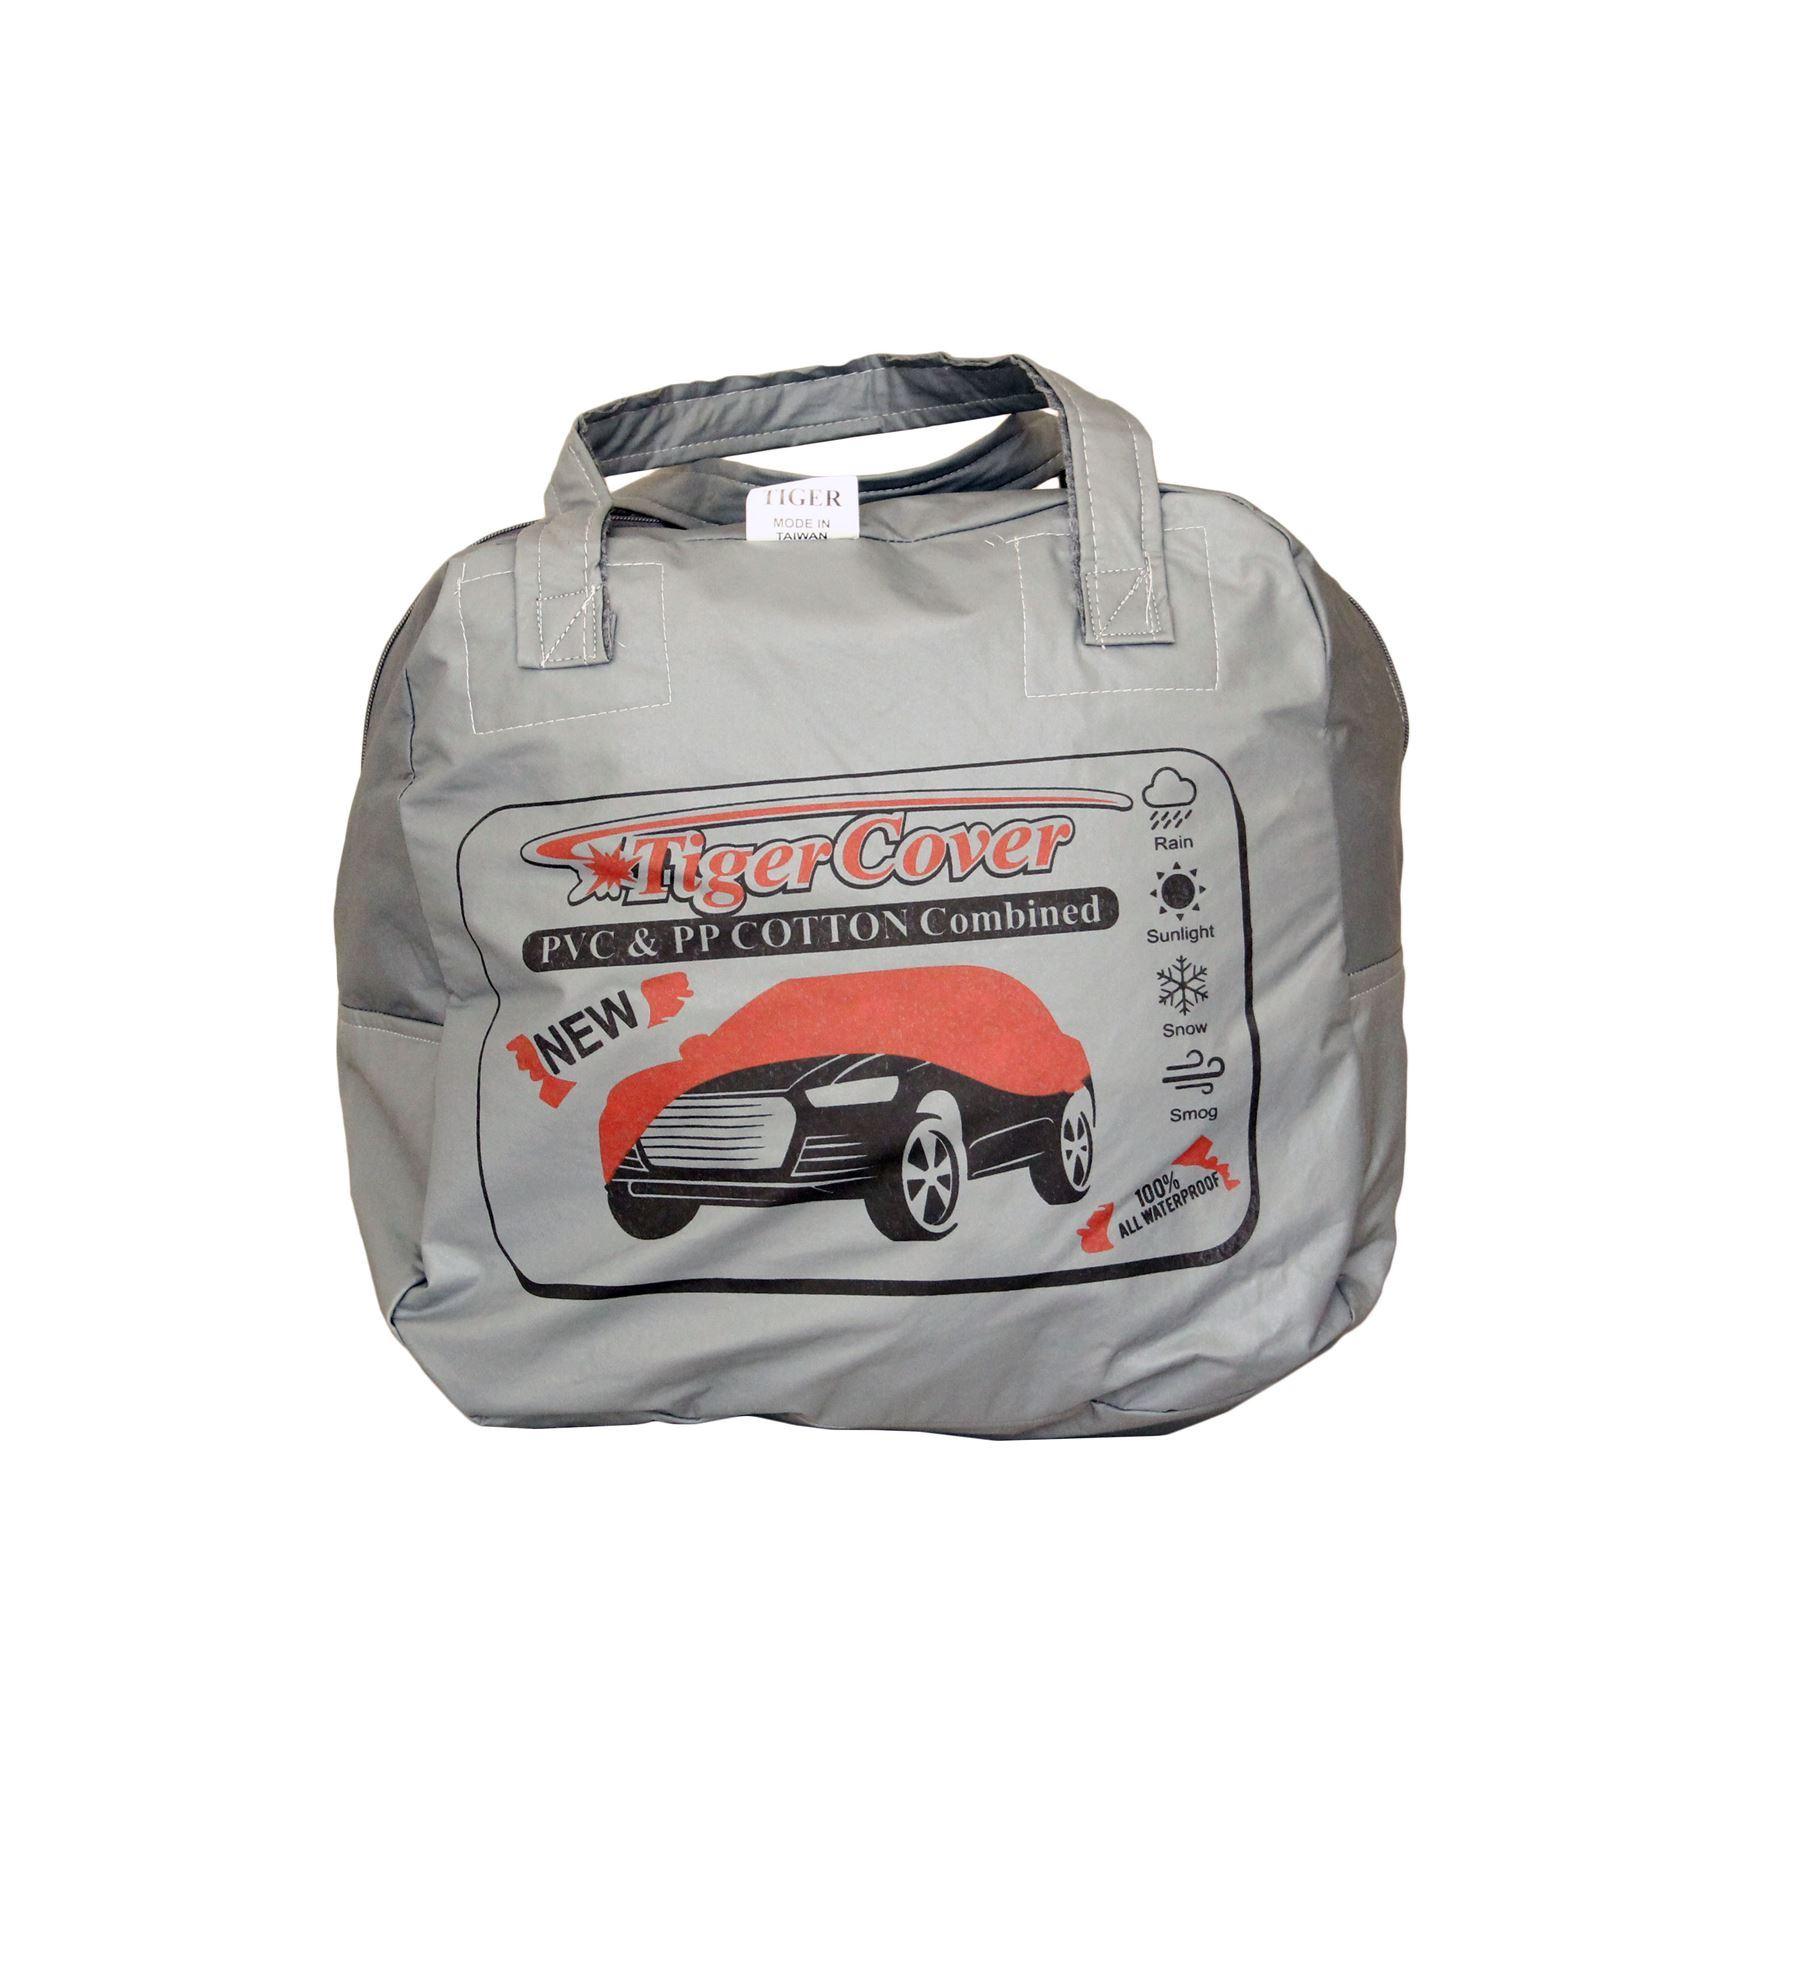 تصویر روکش خودرو مدل Tc d مناسب برای تیبا2،،206 hb،پراید111